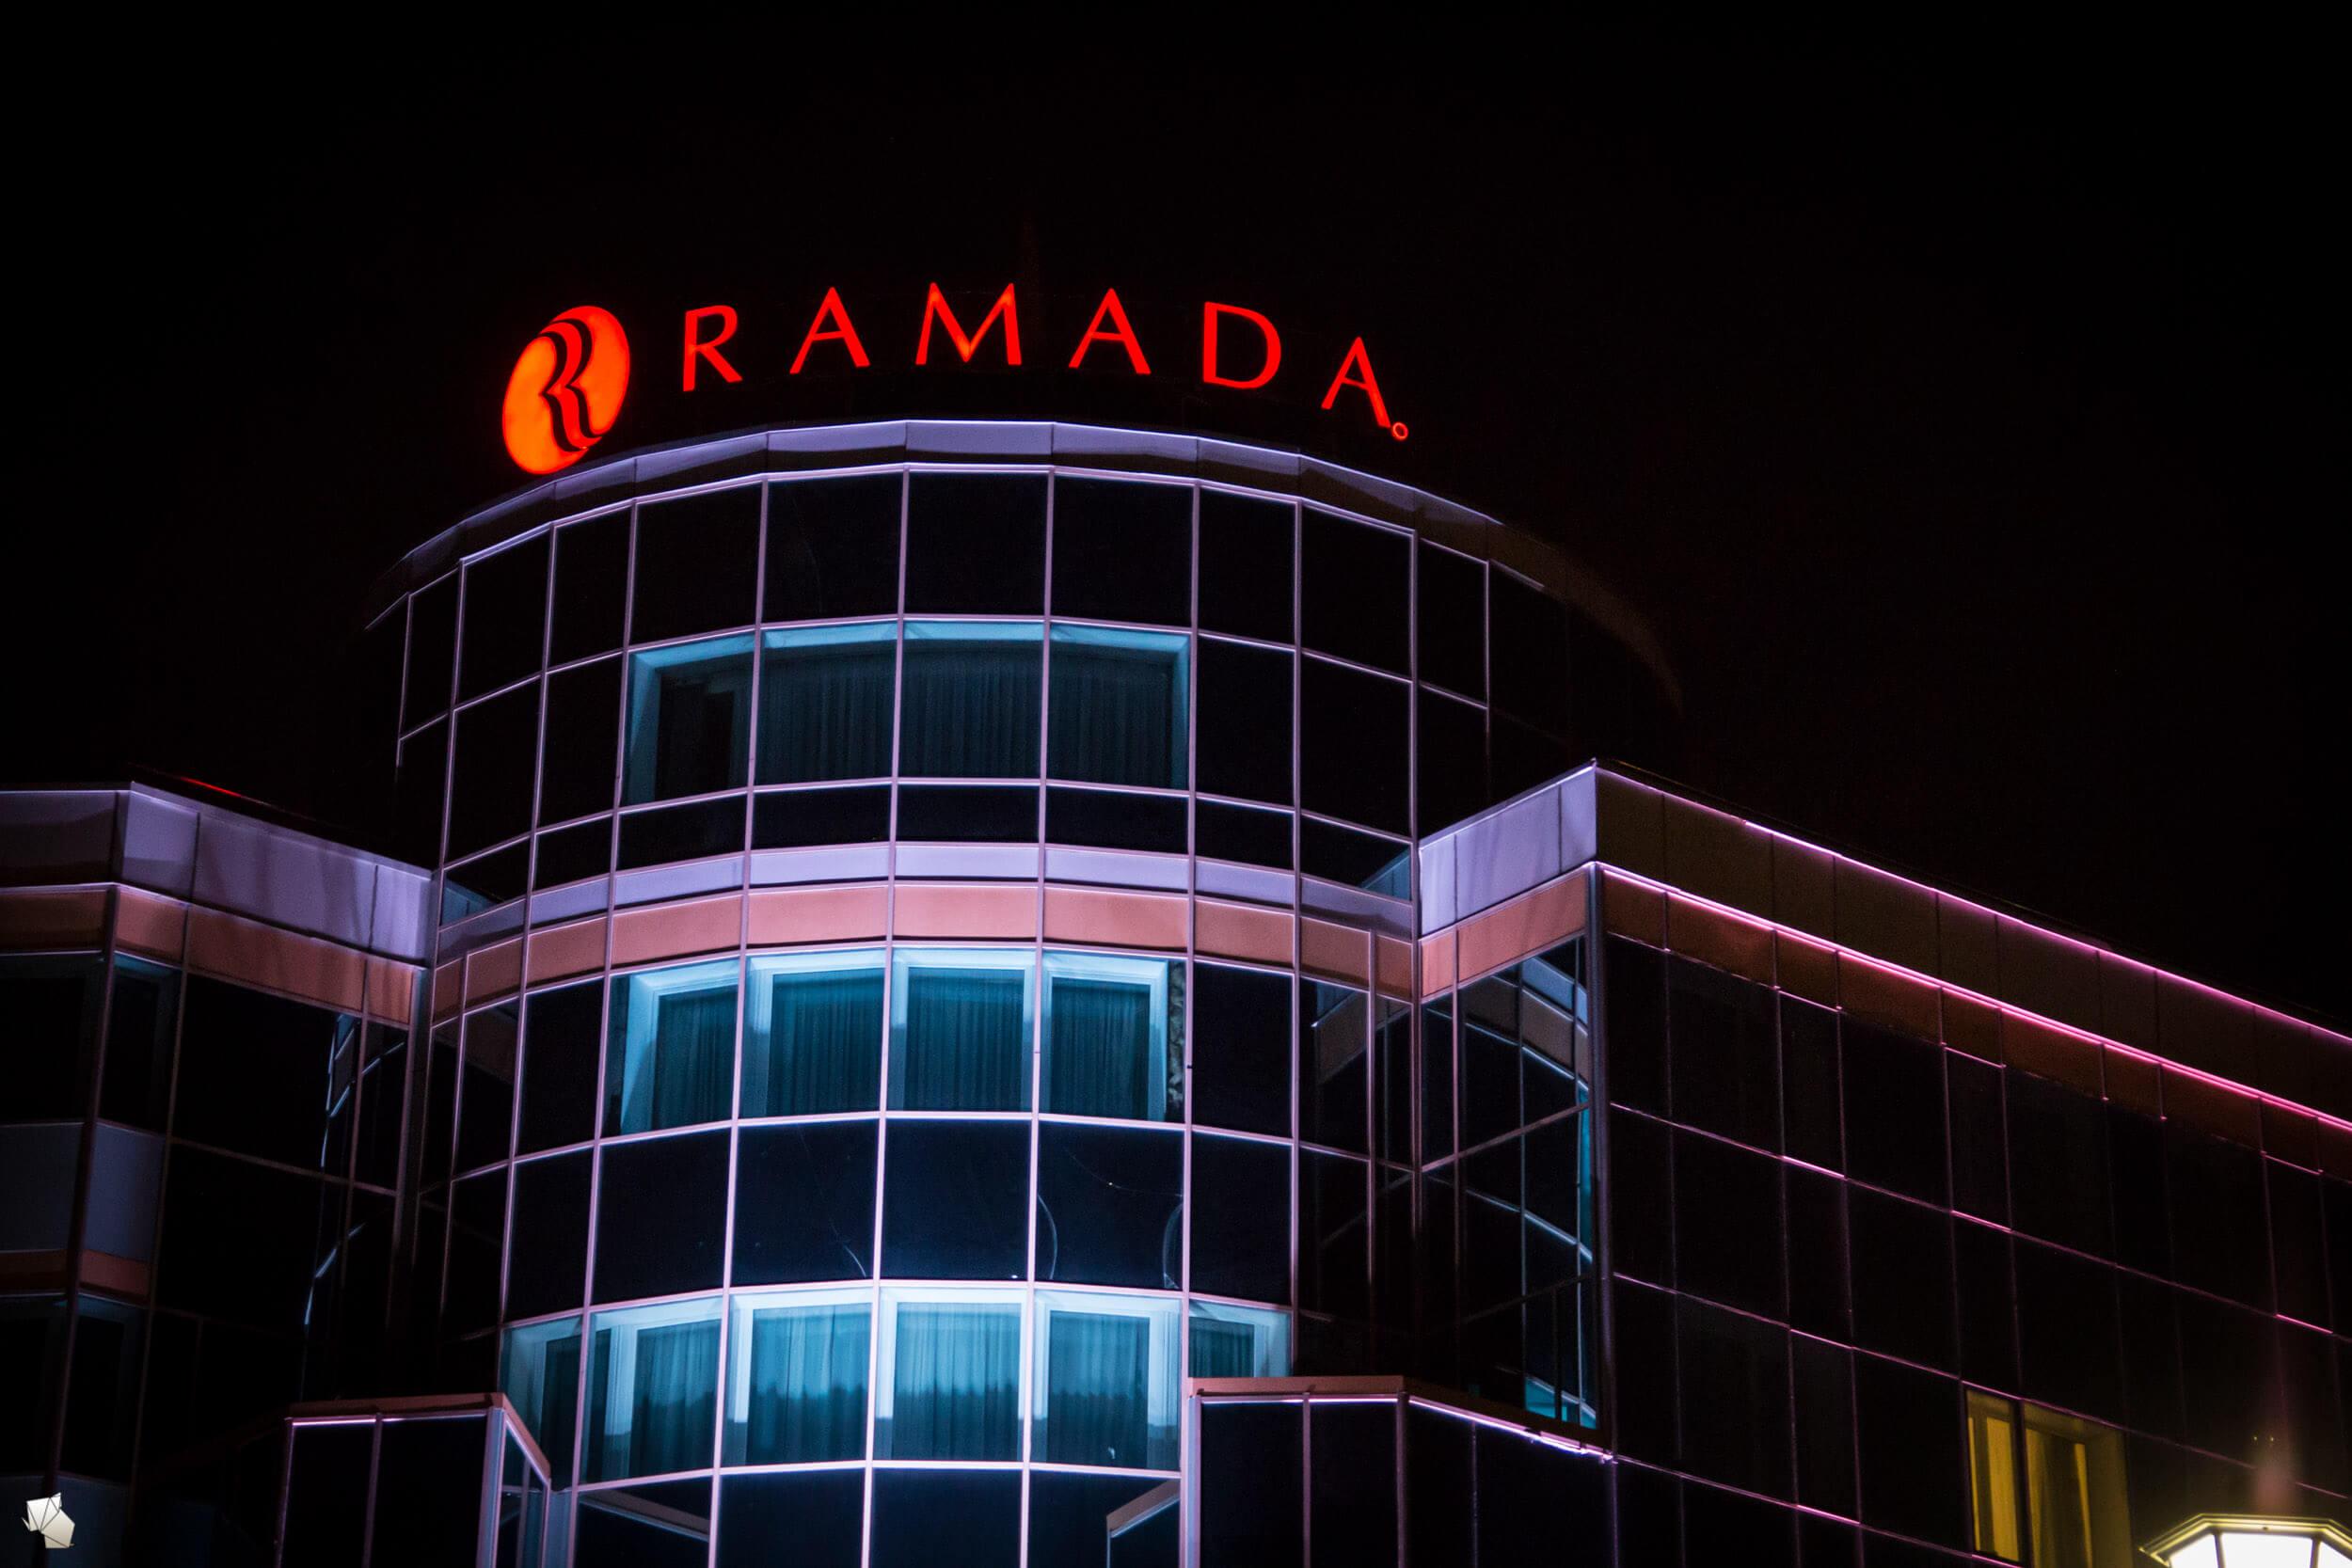 Отель RAMADA, г. Екатеринбург